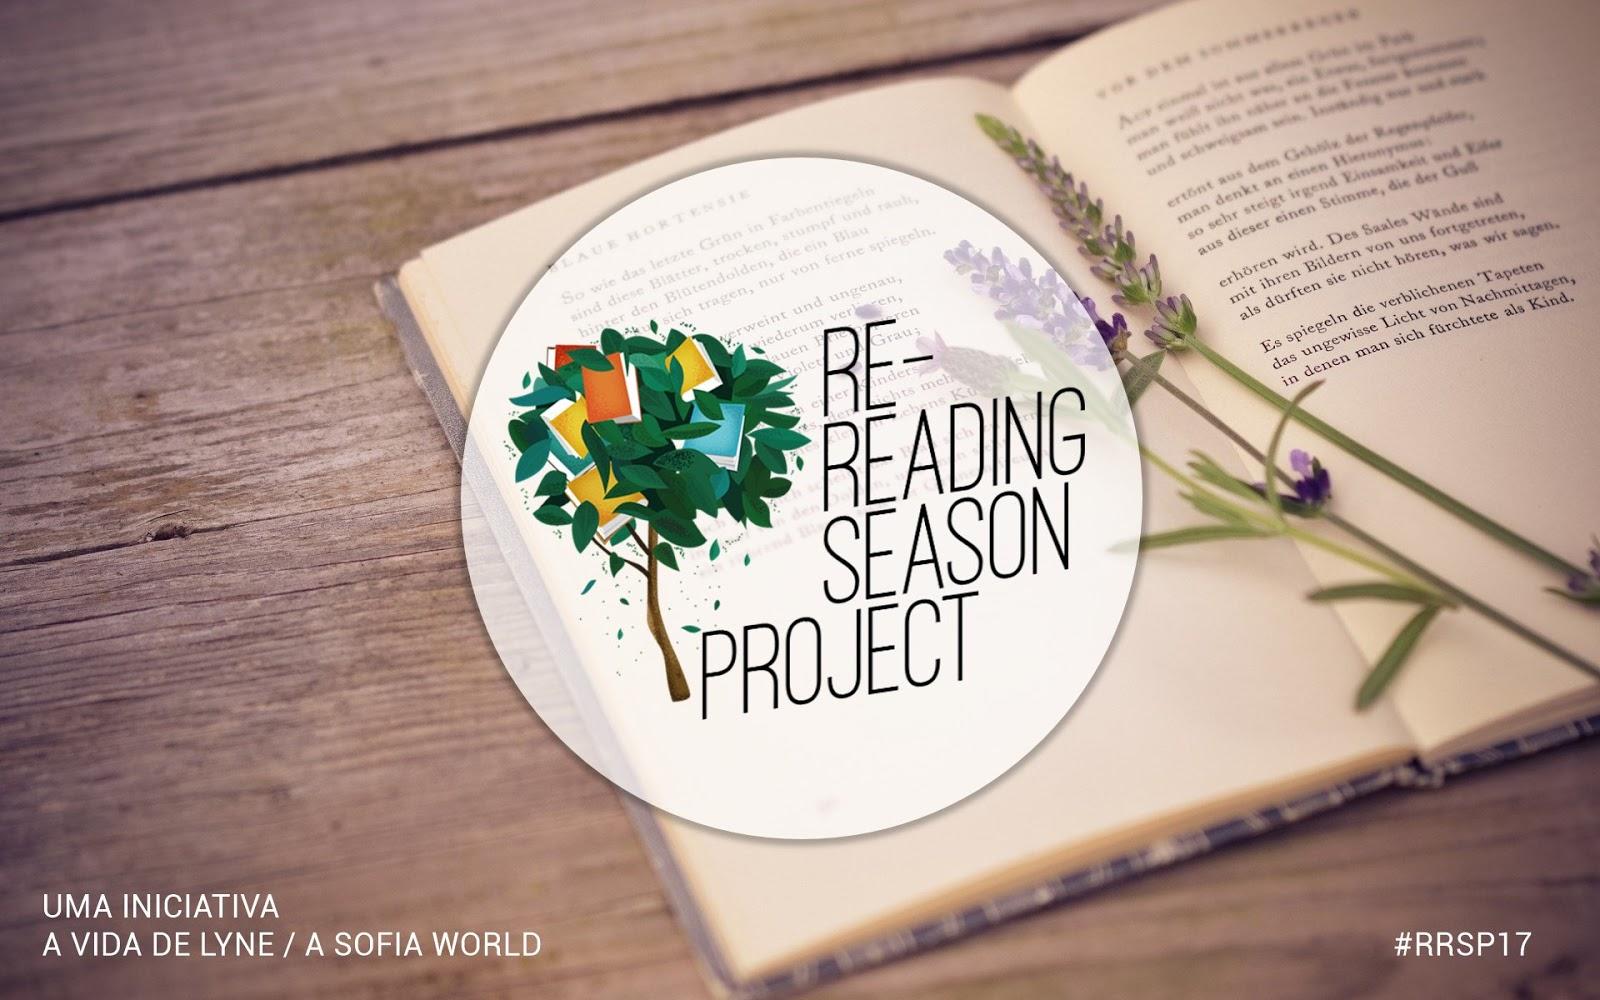 #RRSP17: let's re-read!